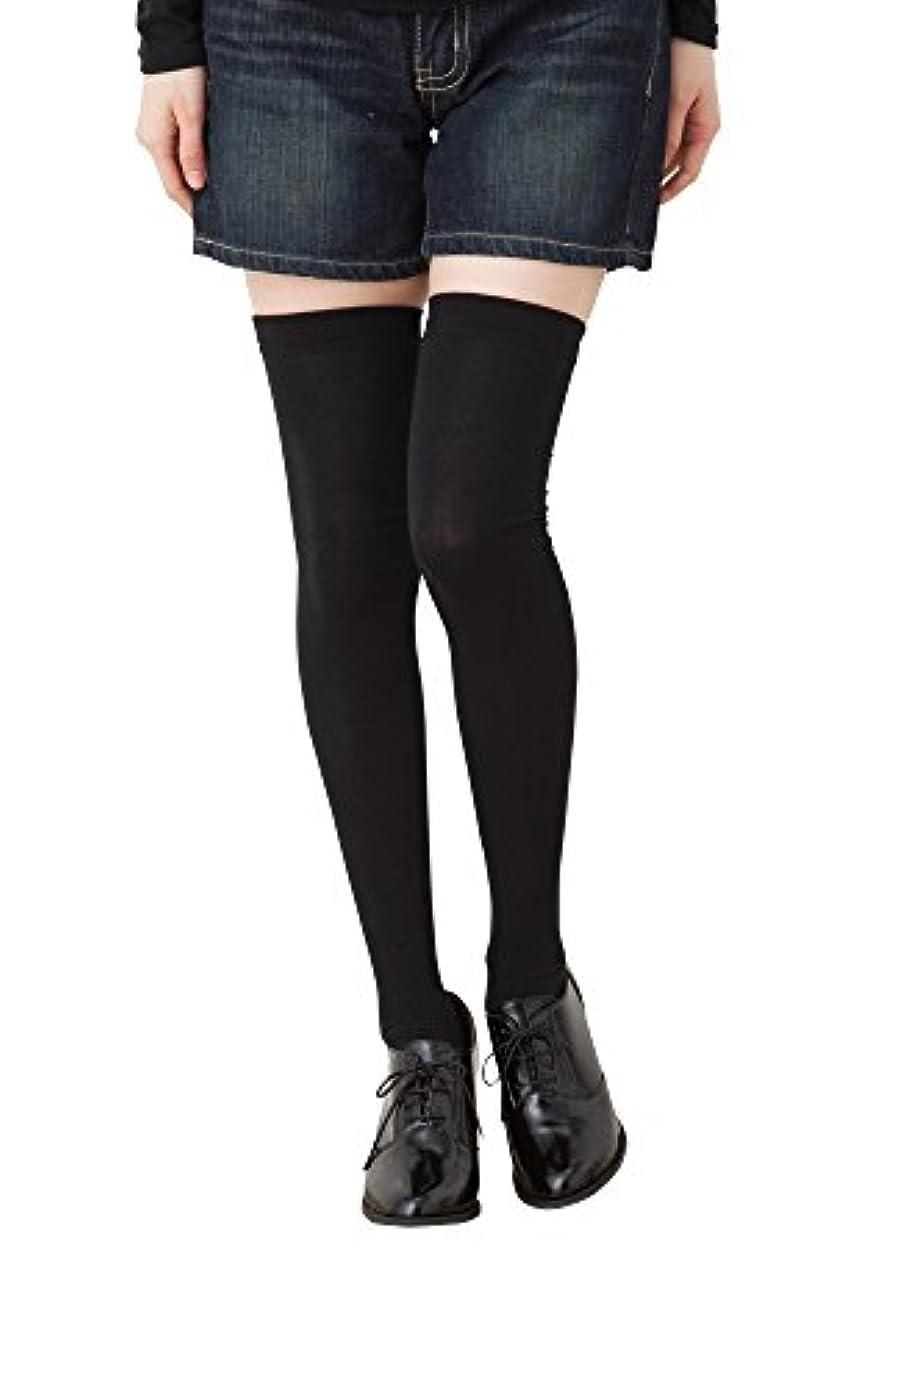 背景バウンス基礎着圧 ニーハイソックス (平無地?60cm丈) ブラック 黒 靴下 レディース